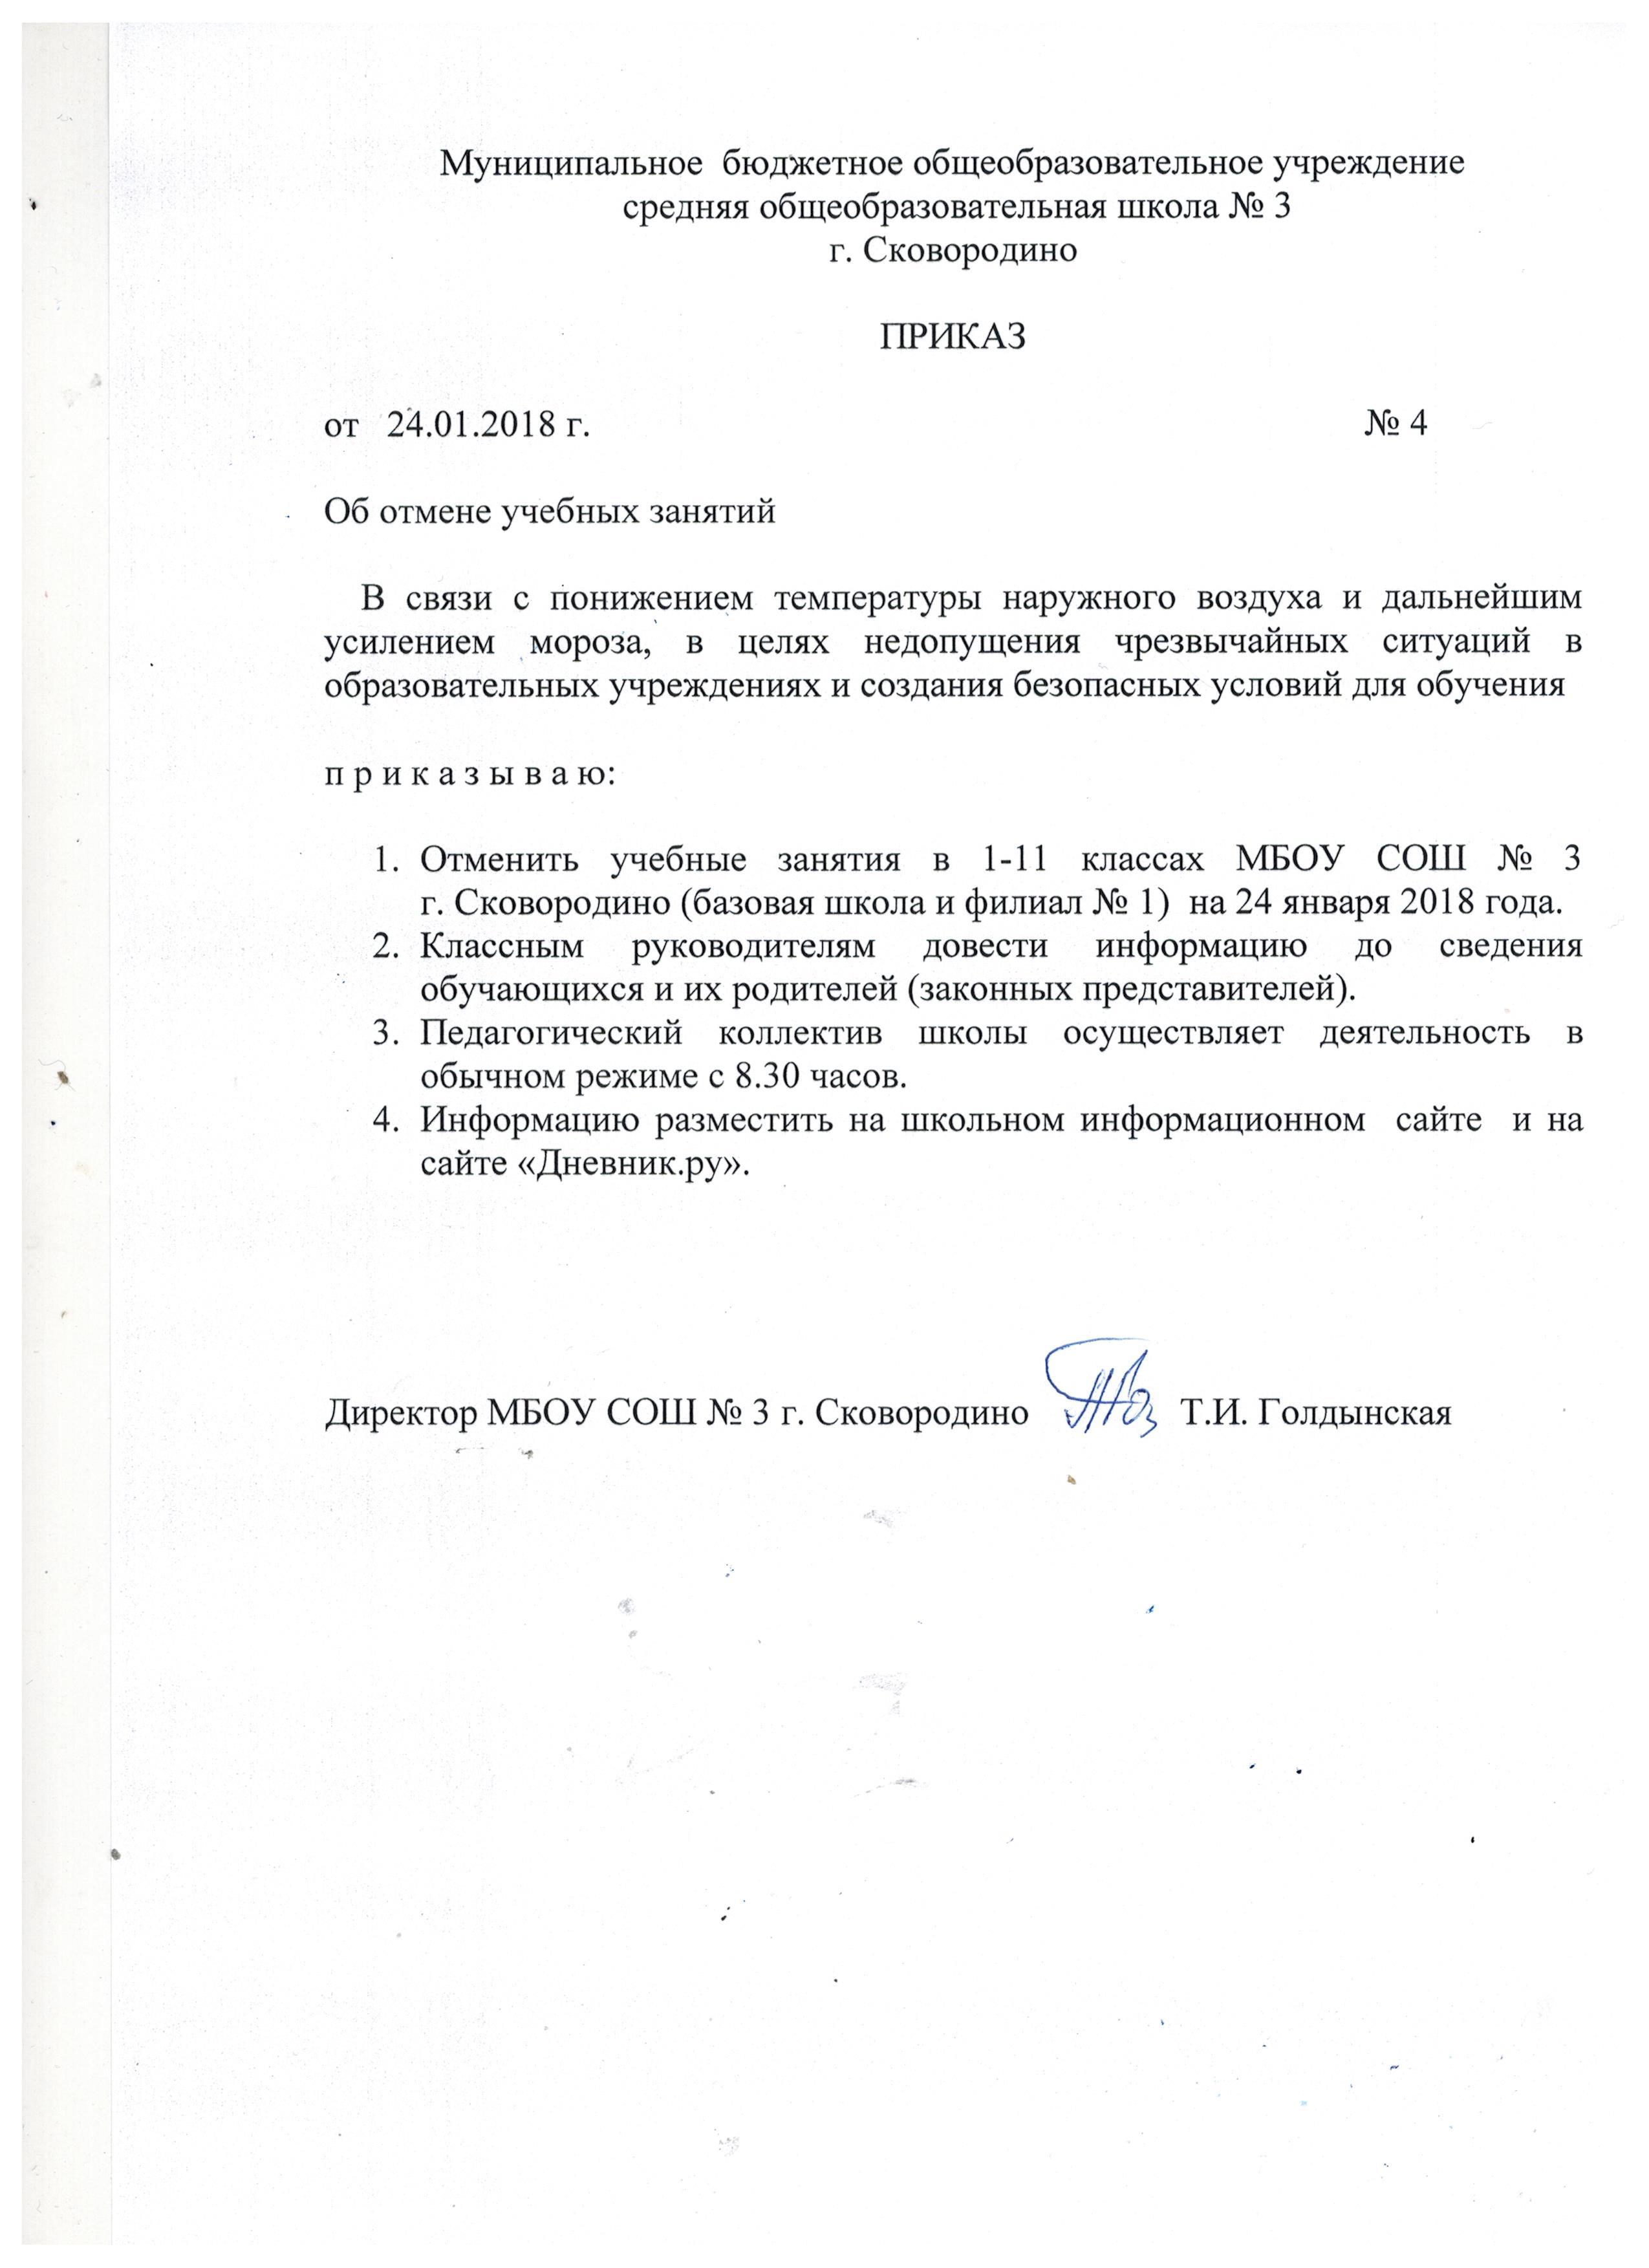 prikaz_ob_otmene_uchebnykh_zanjatij_001.jpg